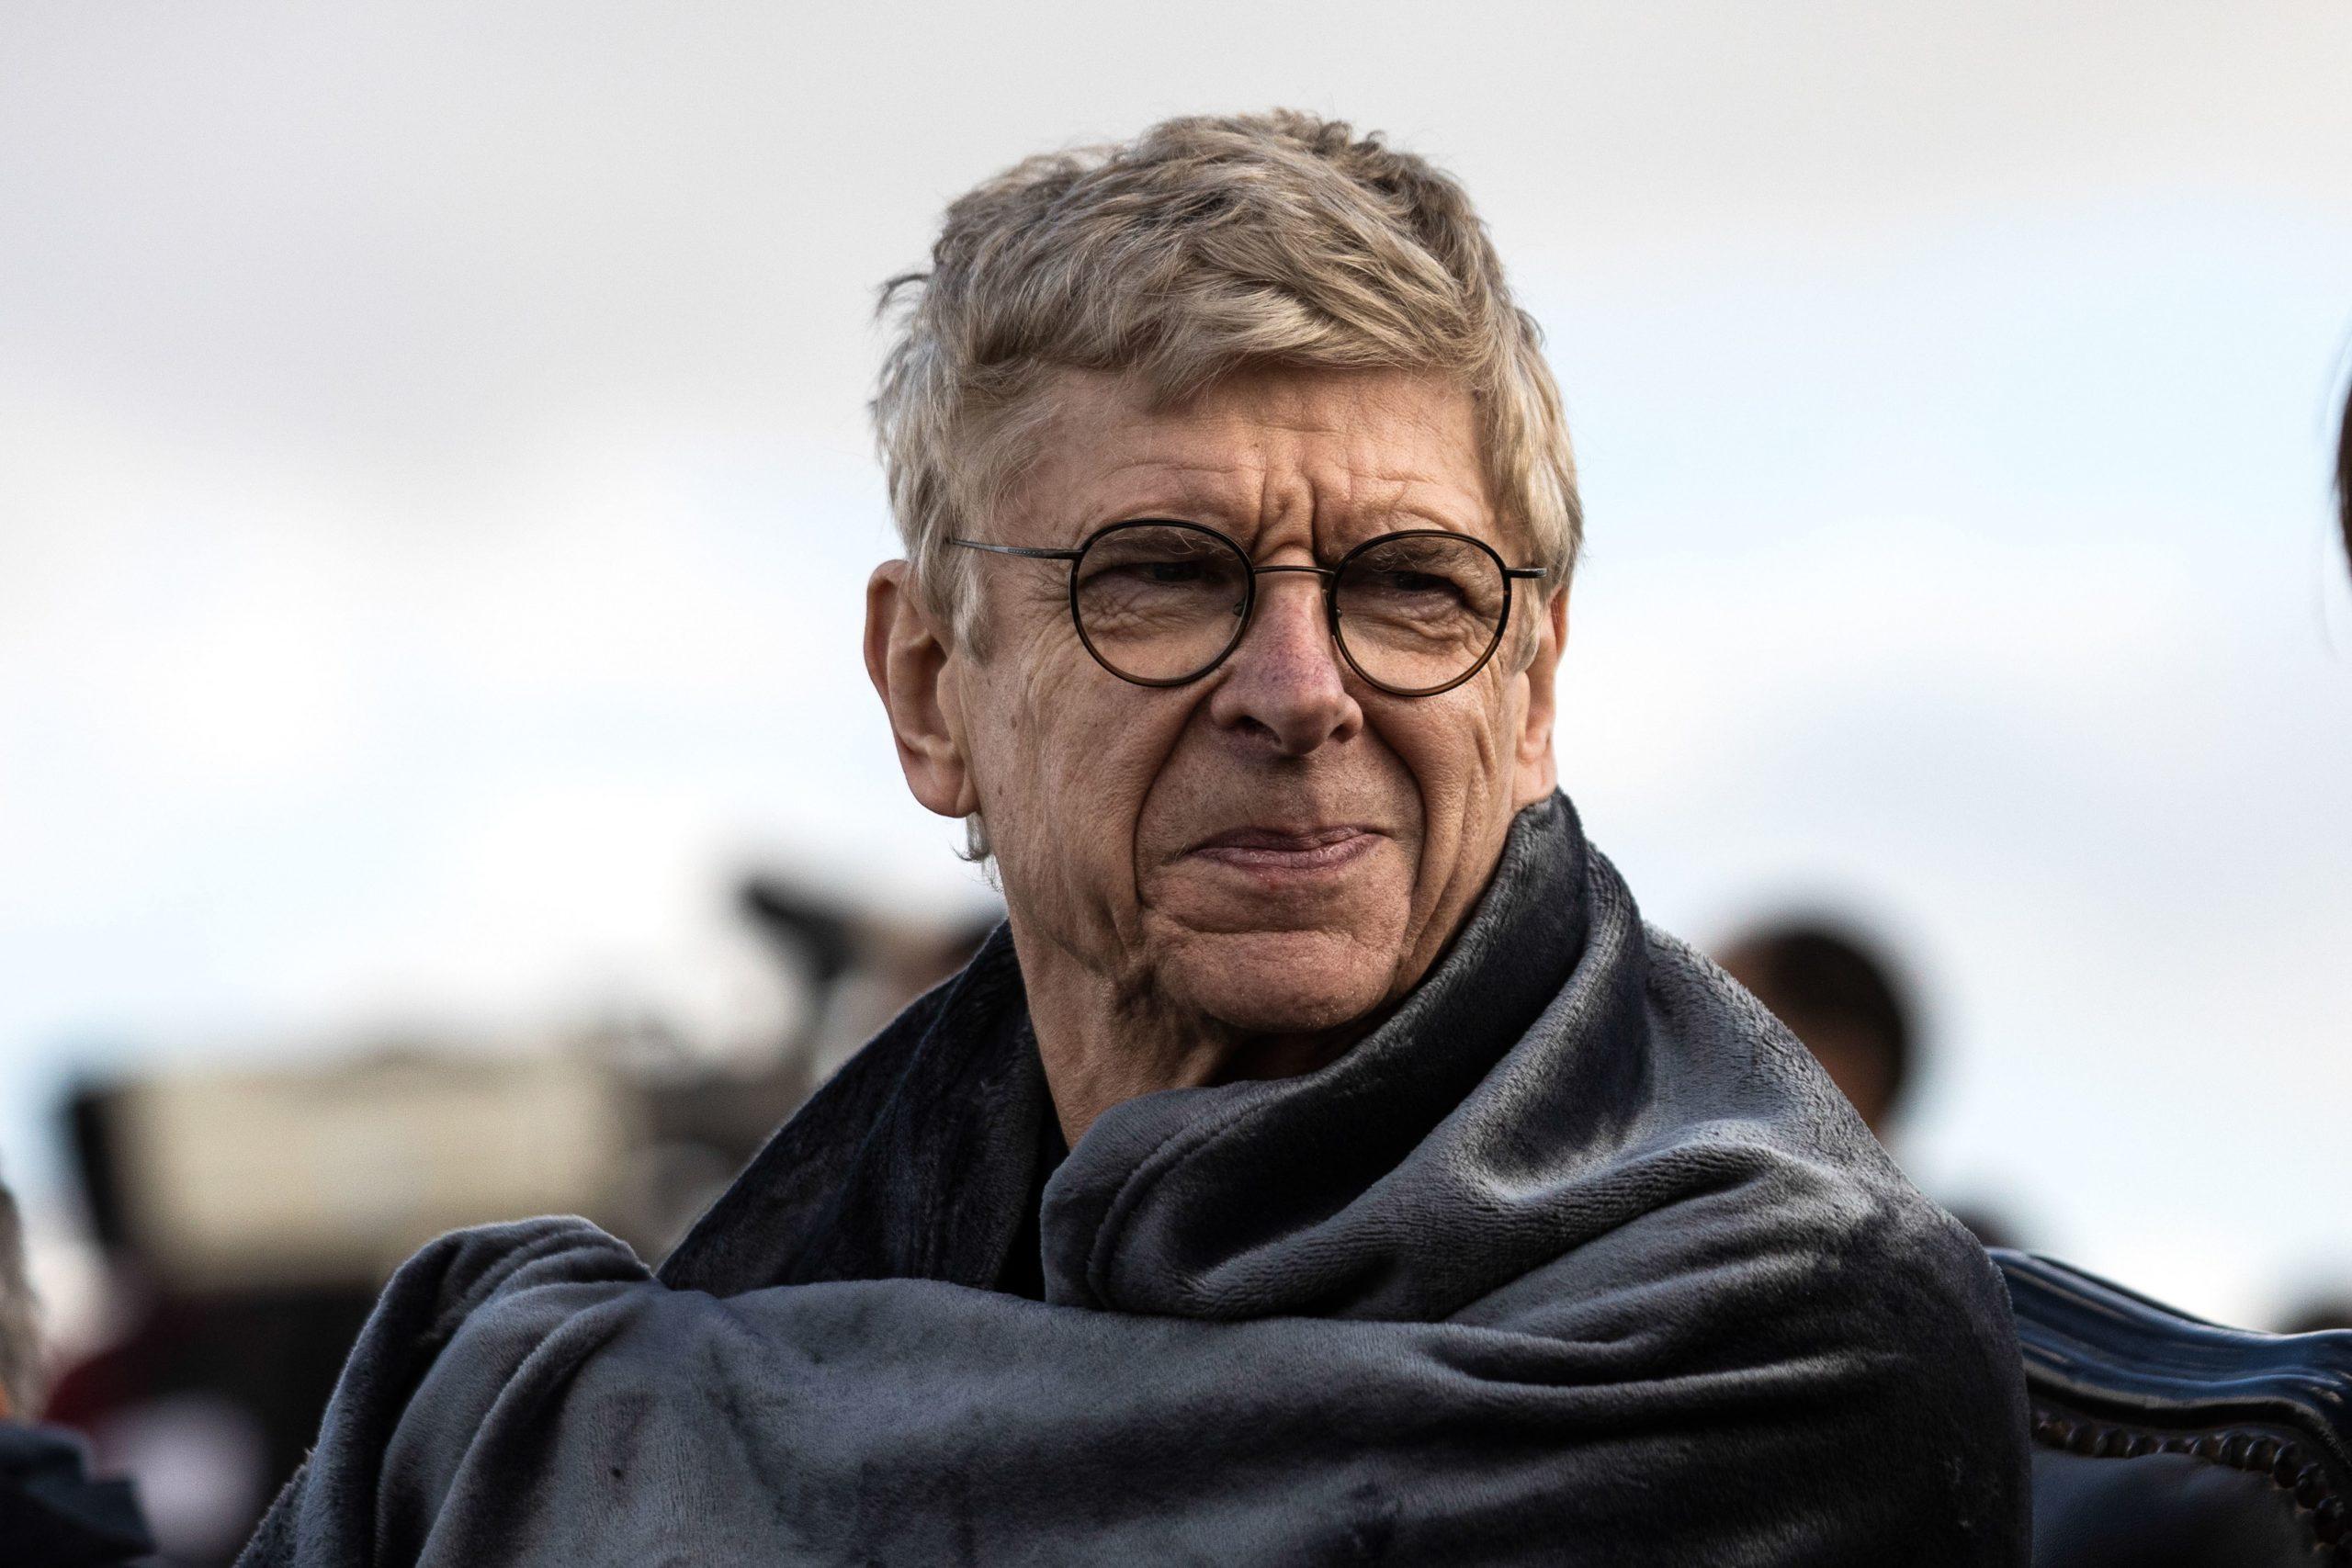 """Wenger s'inquiète pour le football français et ses """"investisseurs qui cherchent à gagner très vite de l'argent"""""""